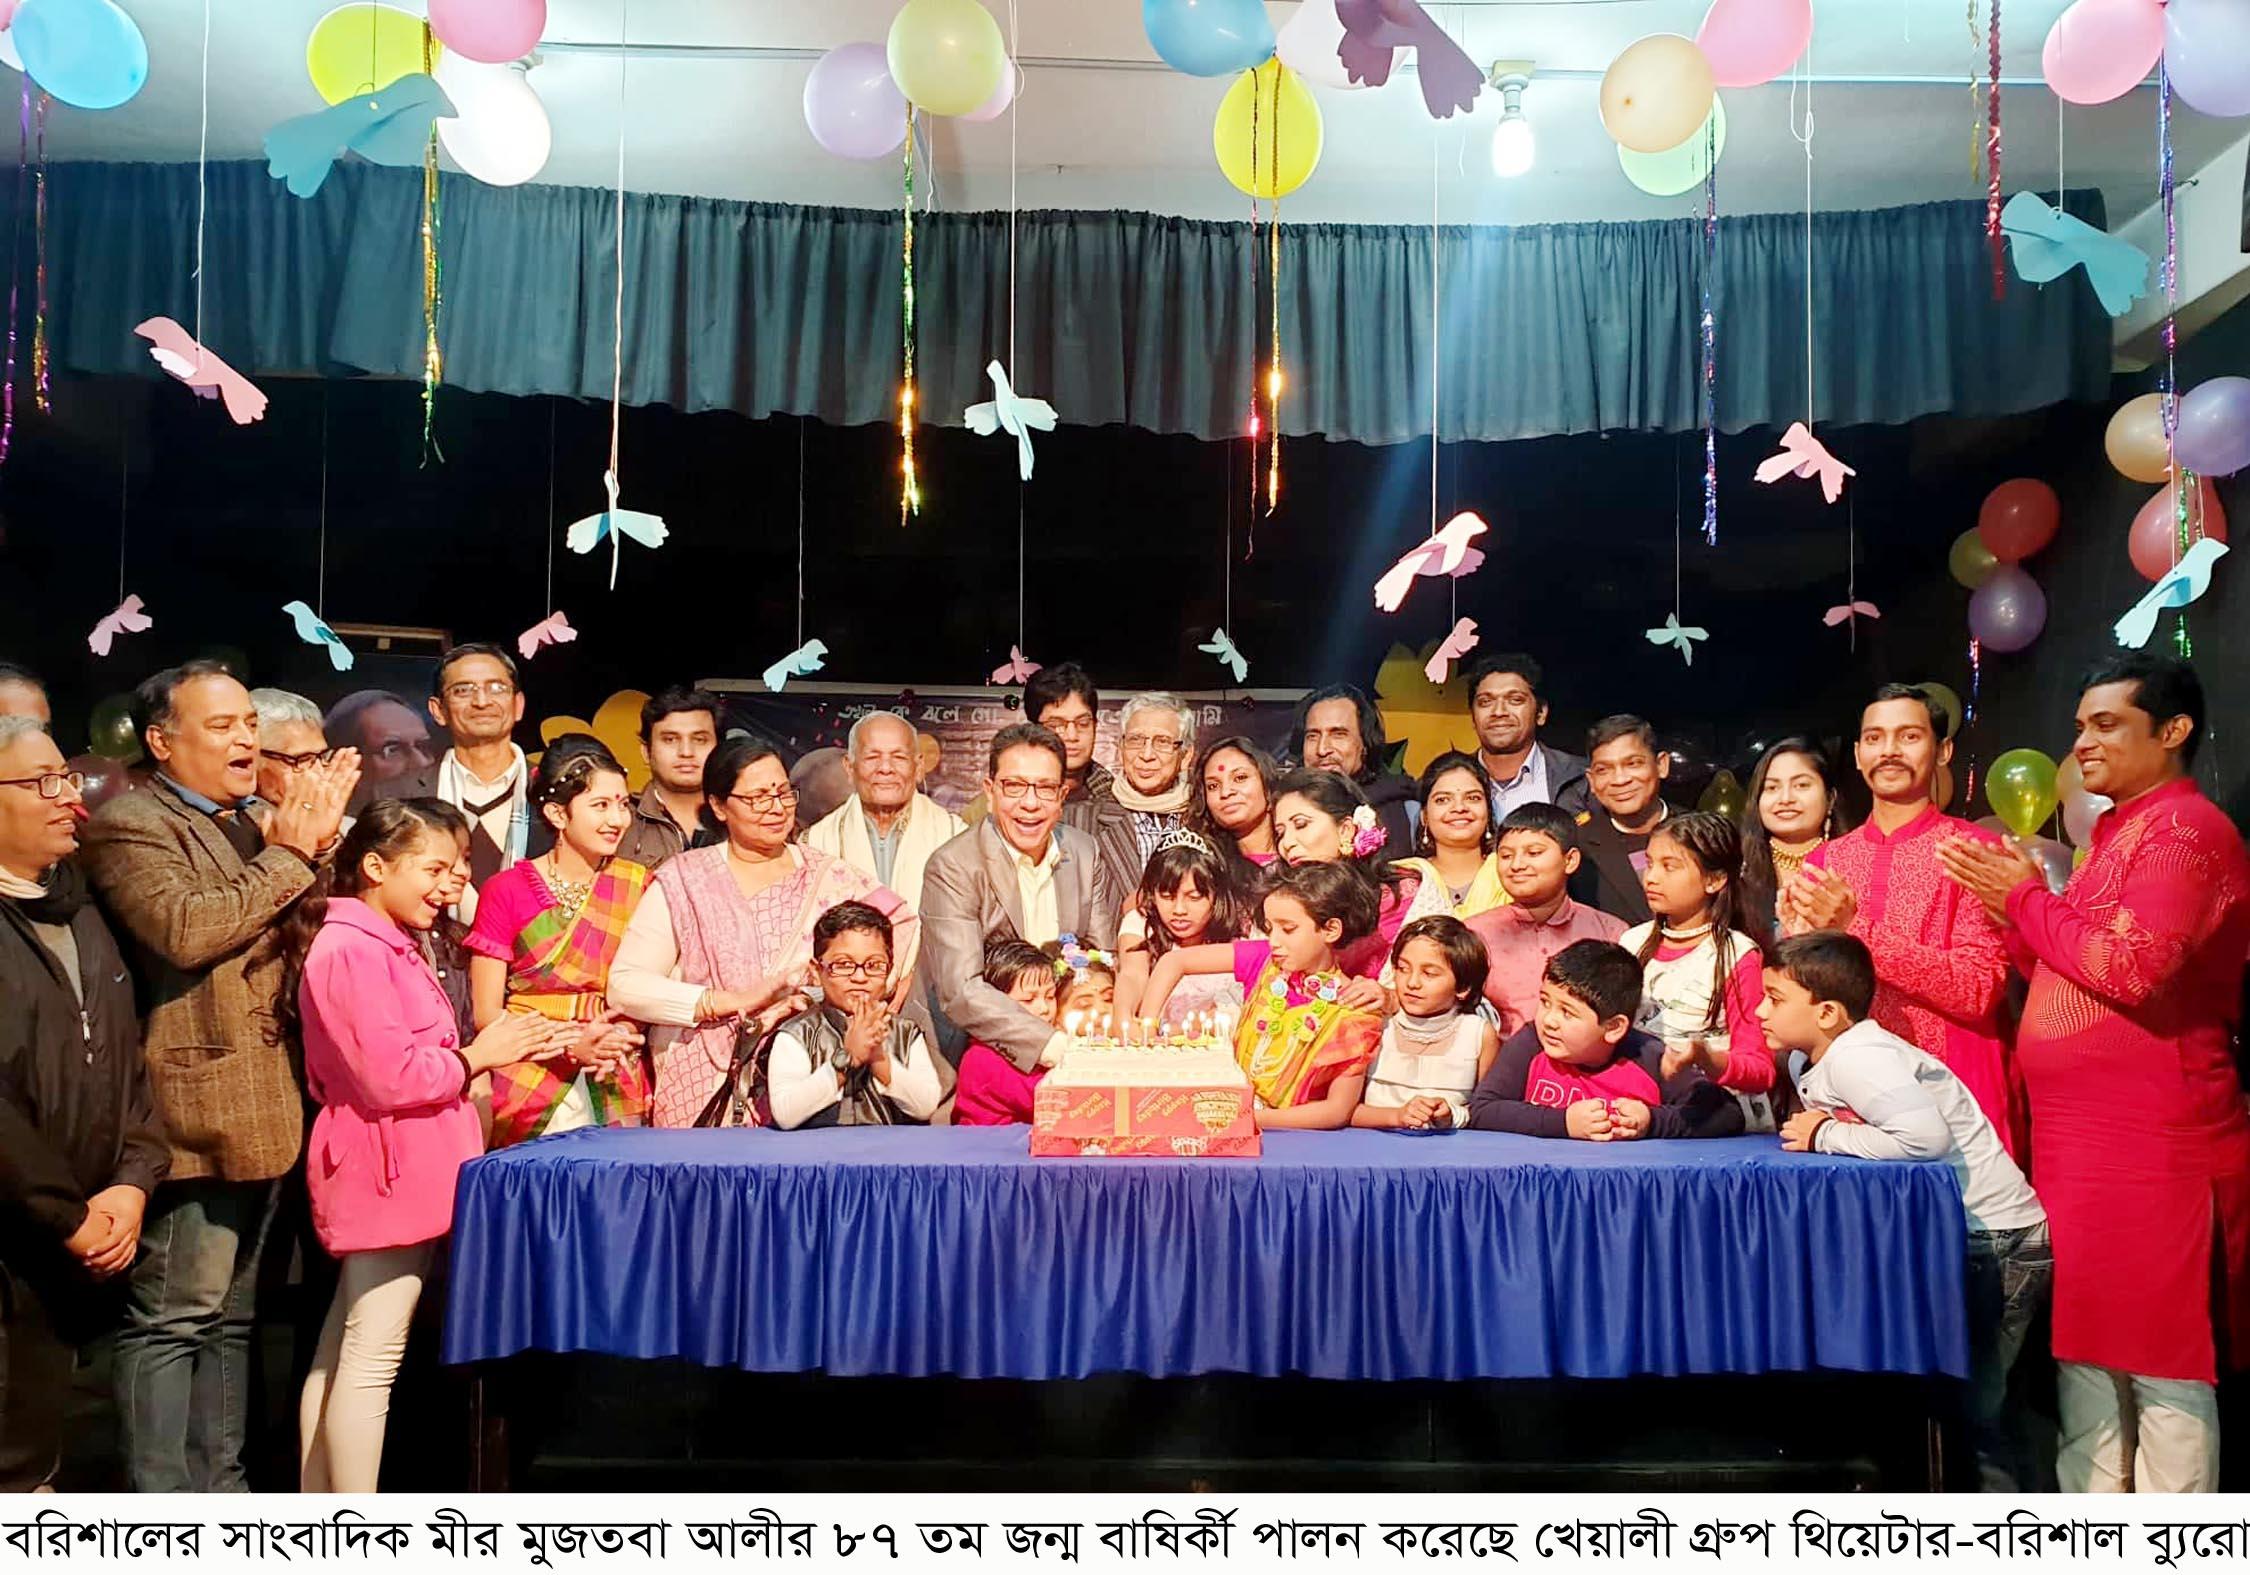 বরিশালে সাংবাদিক মীর মুজতবা আলীর জন্মোৎসব অনুষ্ঠিত